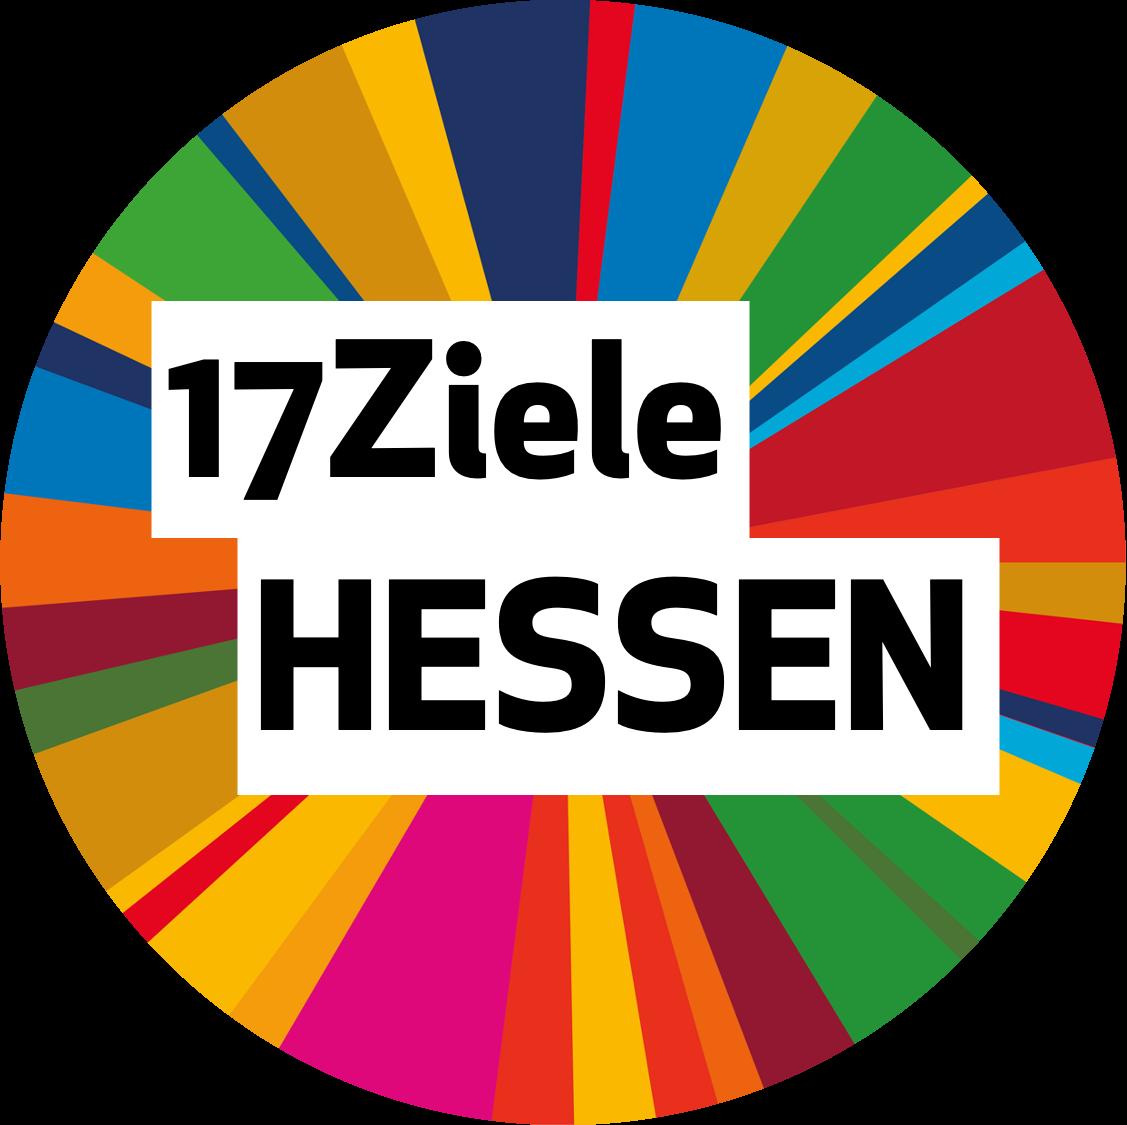 17 Ziele Hessen